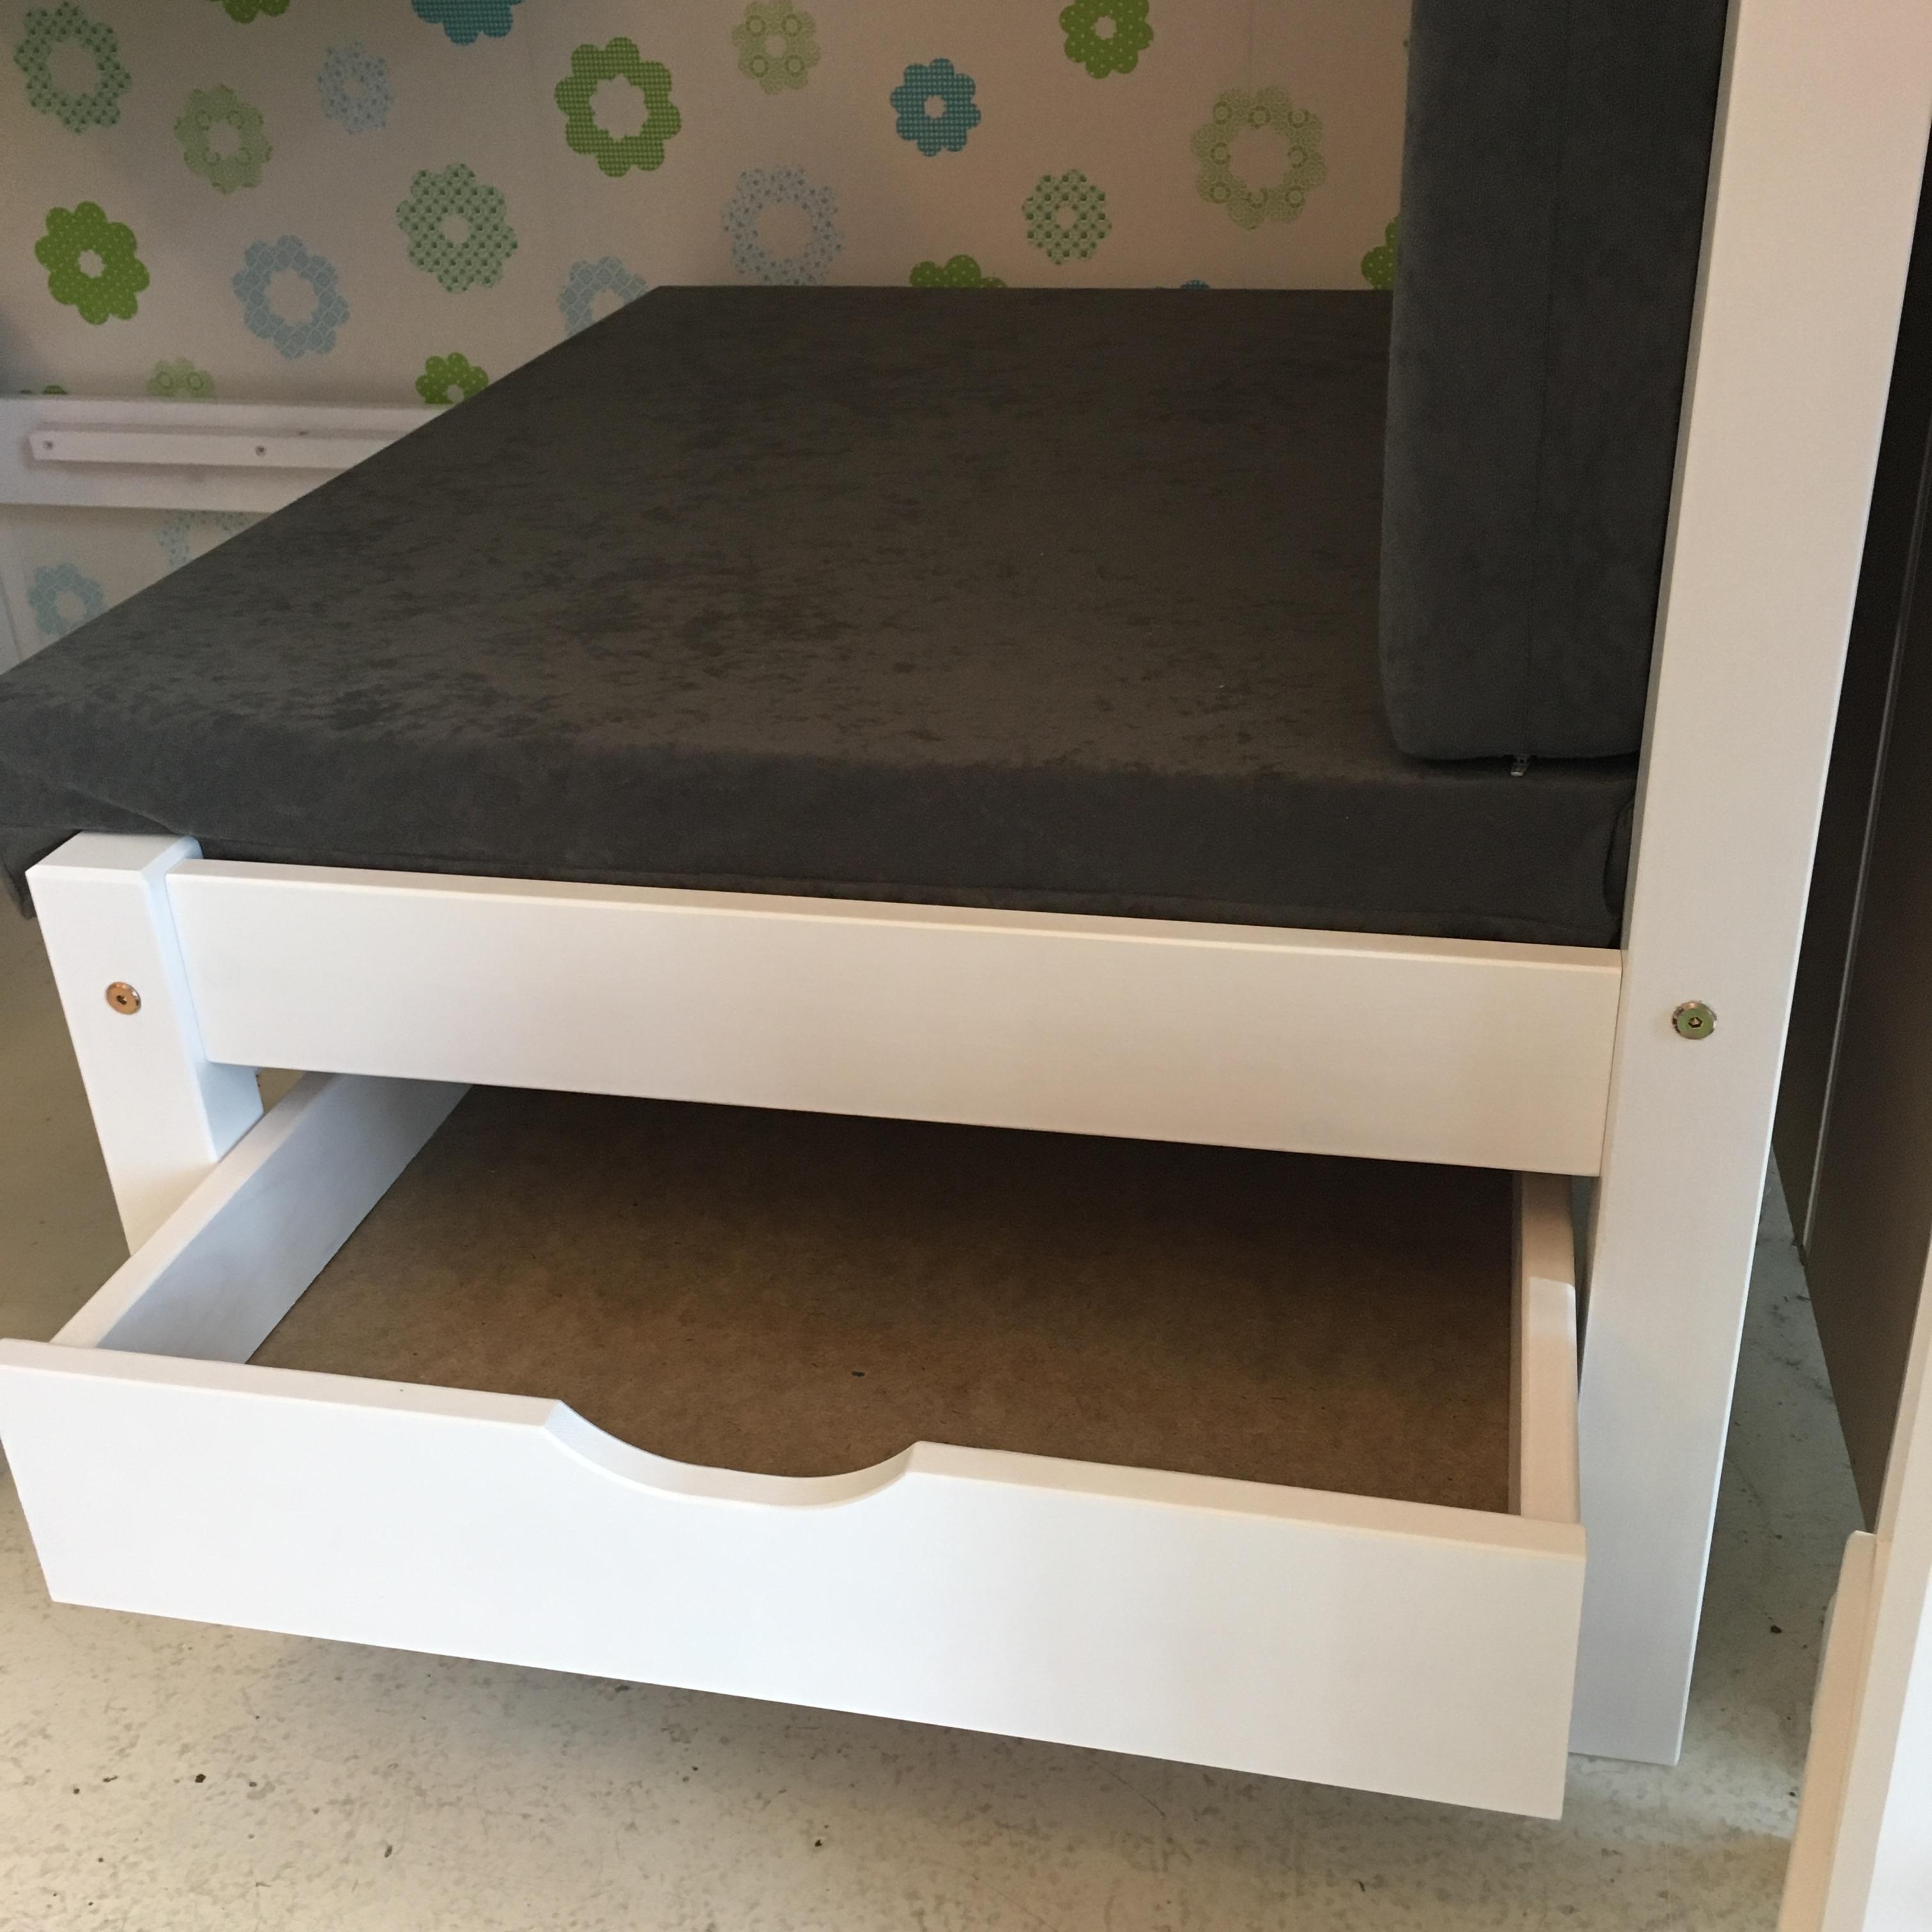 Multifunktions Hochbett multifunktions hochbett skipper mit tisch und sitzbänken umbaubar